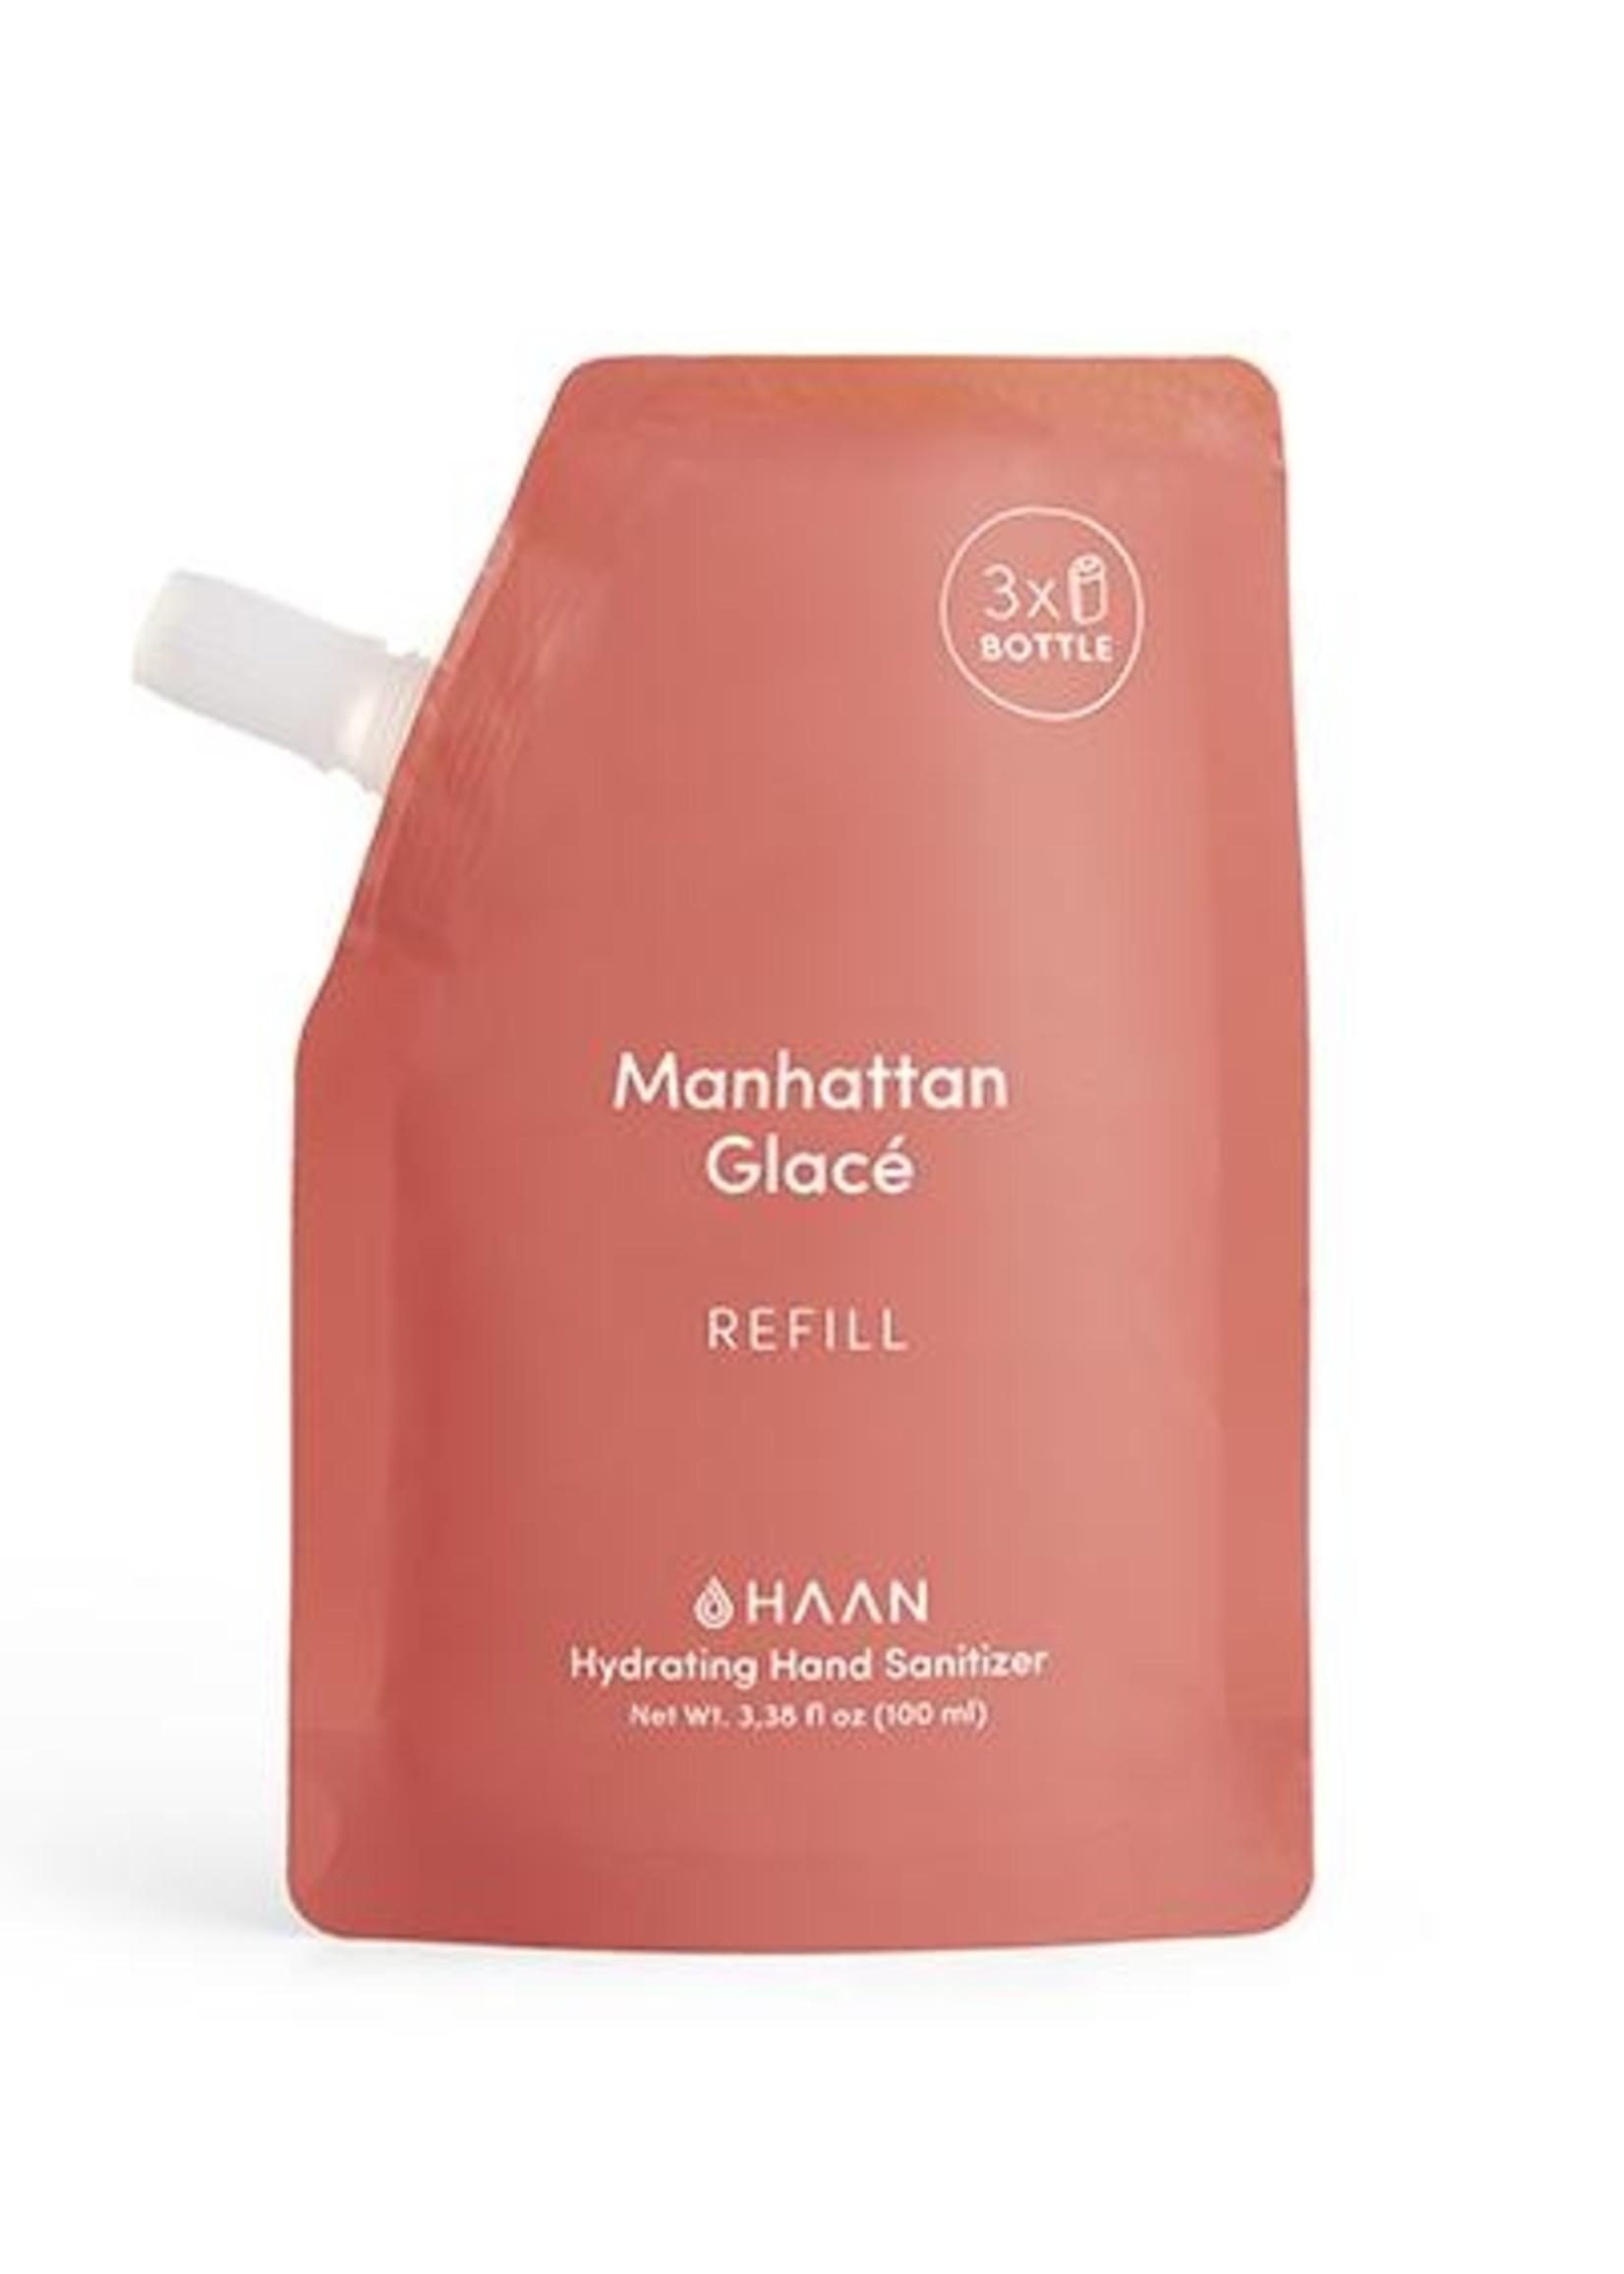 REFILL HAND SANITIZER MANHATTAN GLACE